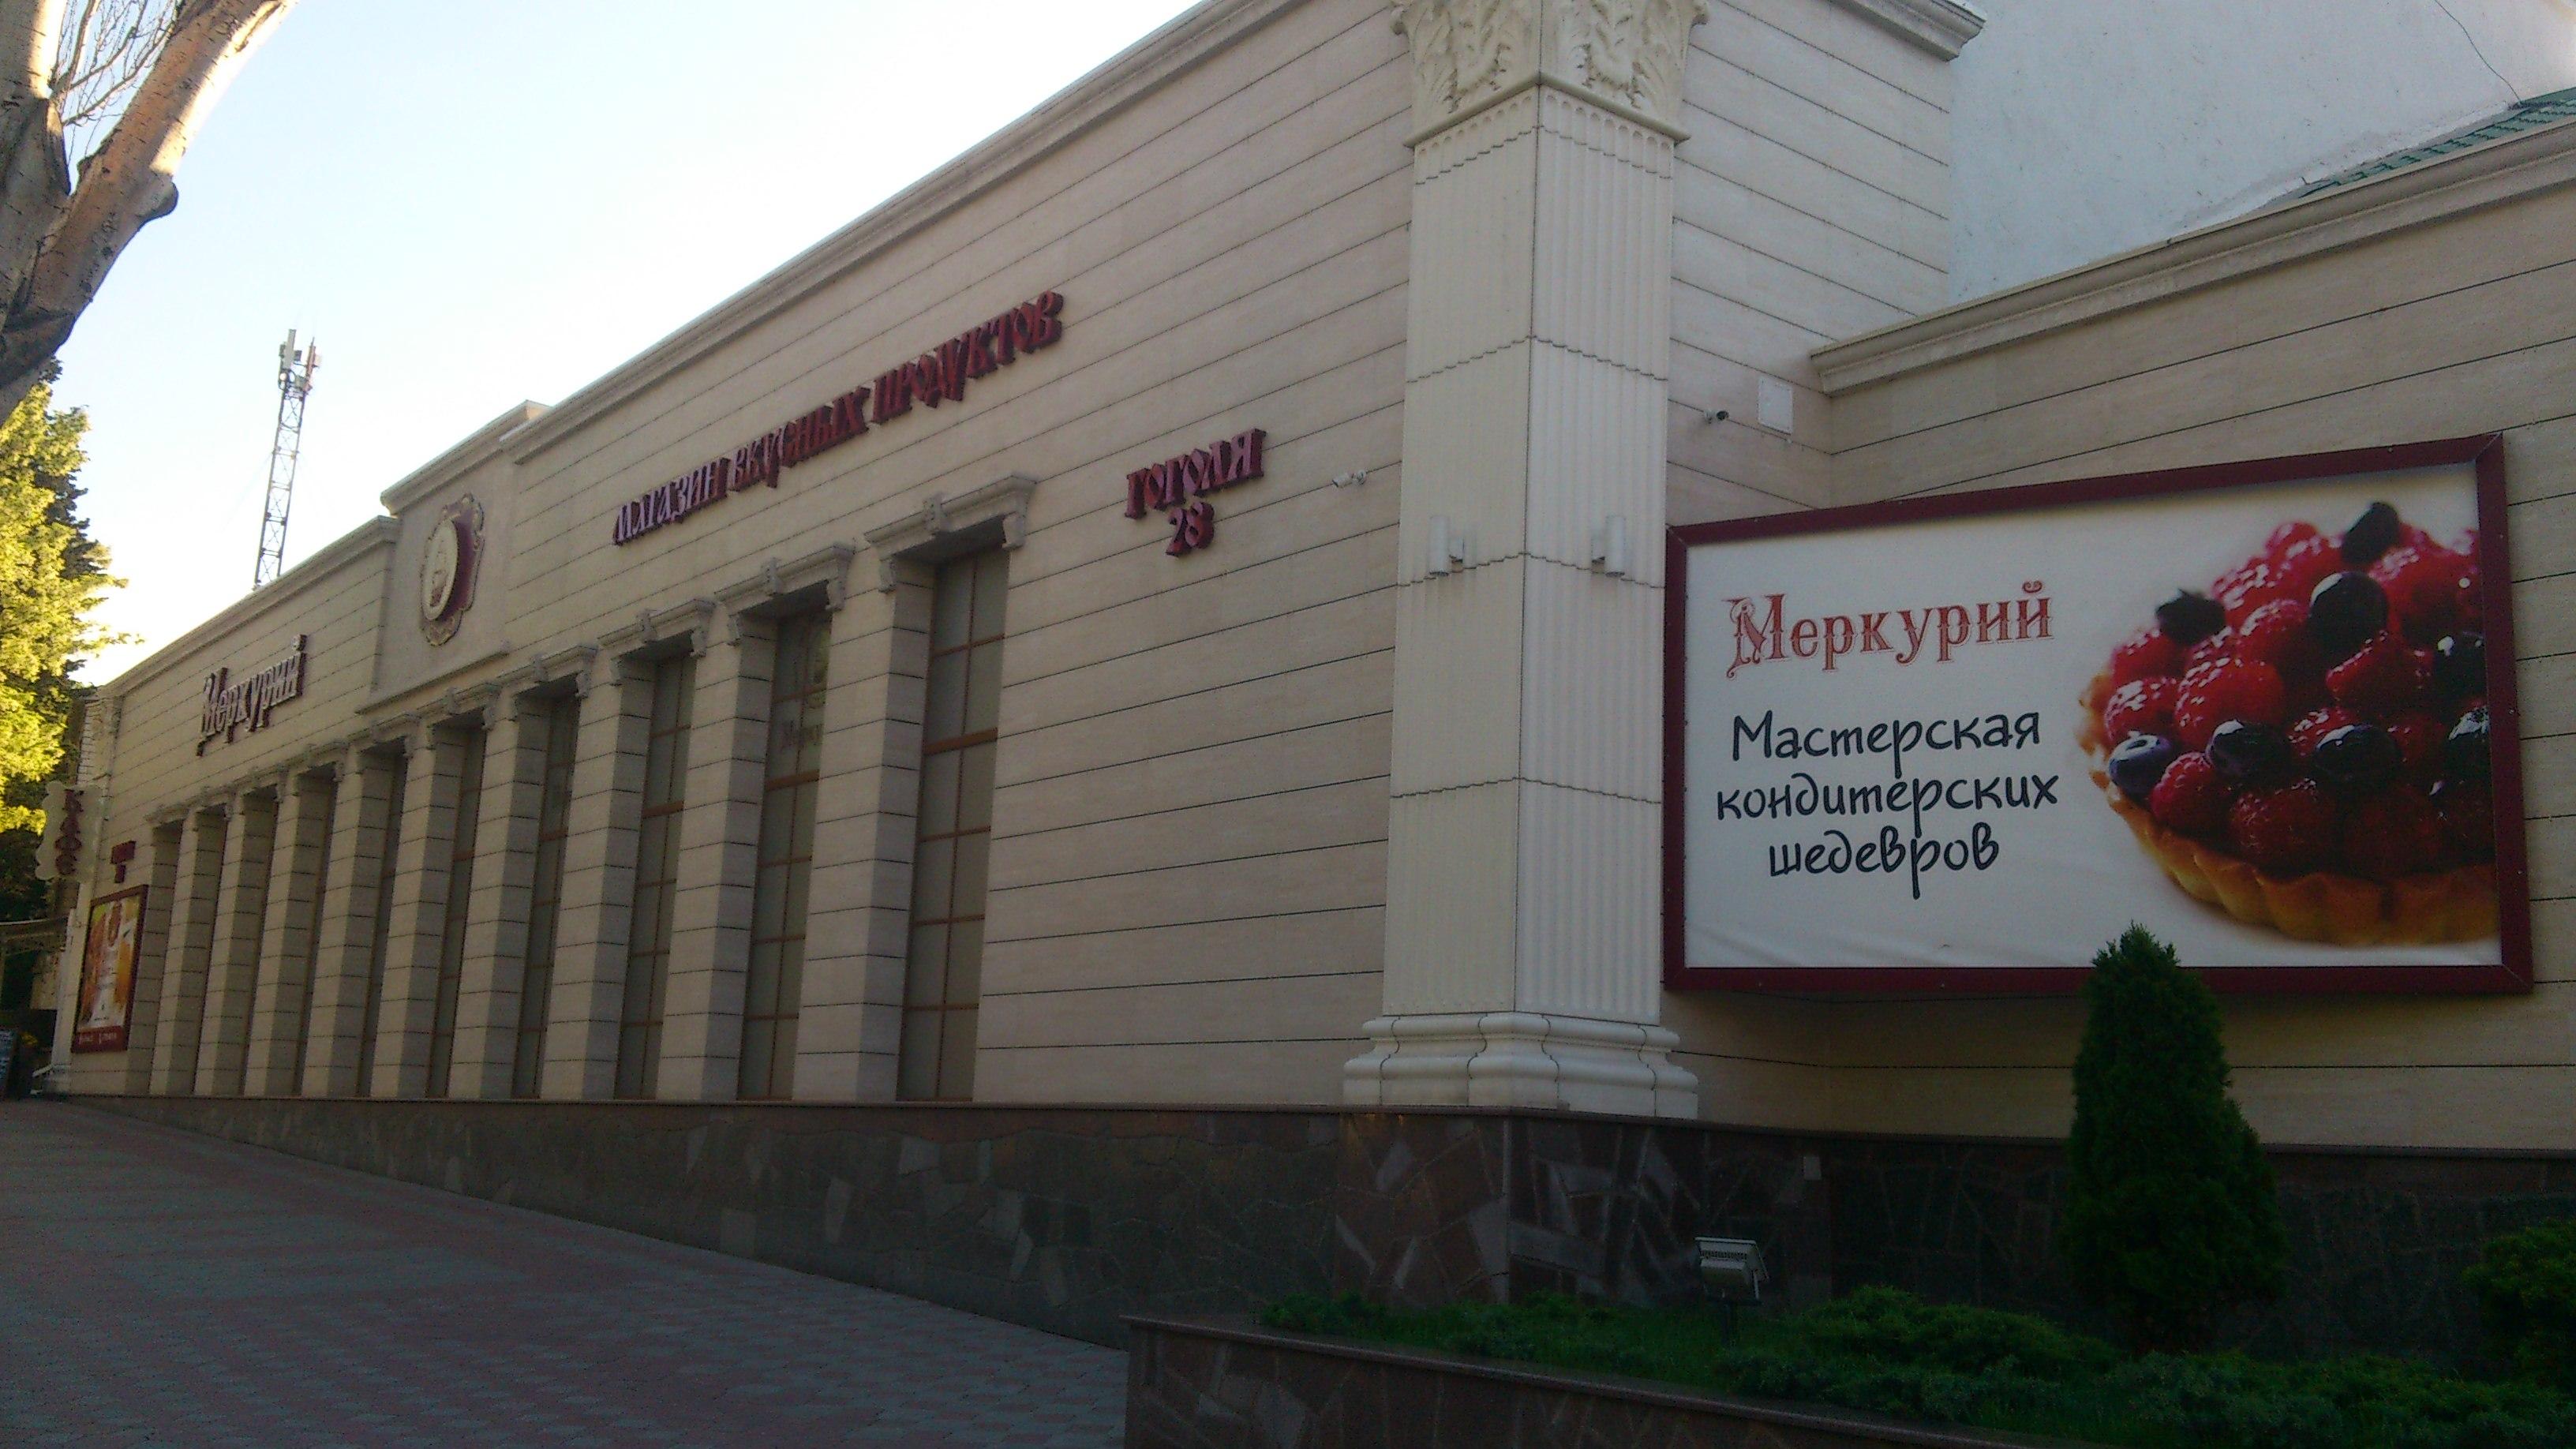 Магазин Меркурий Севастополь Официальный Сайт